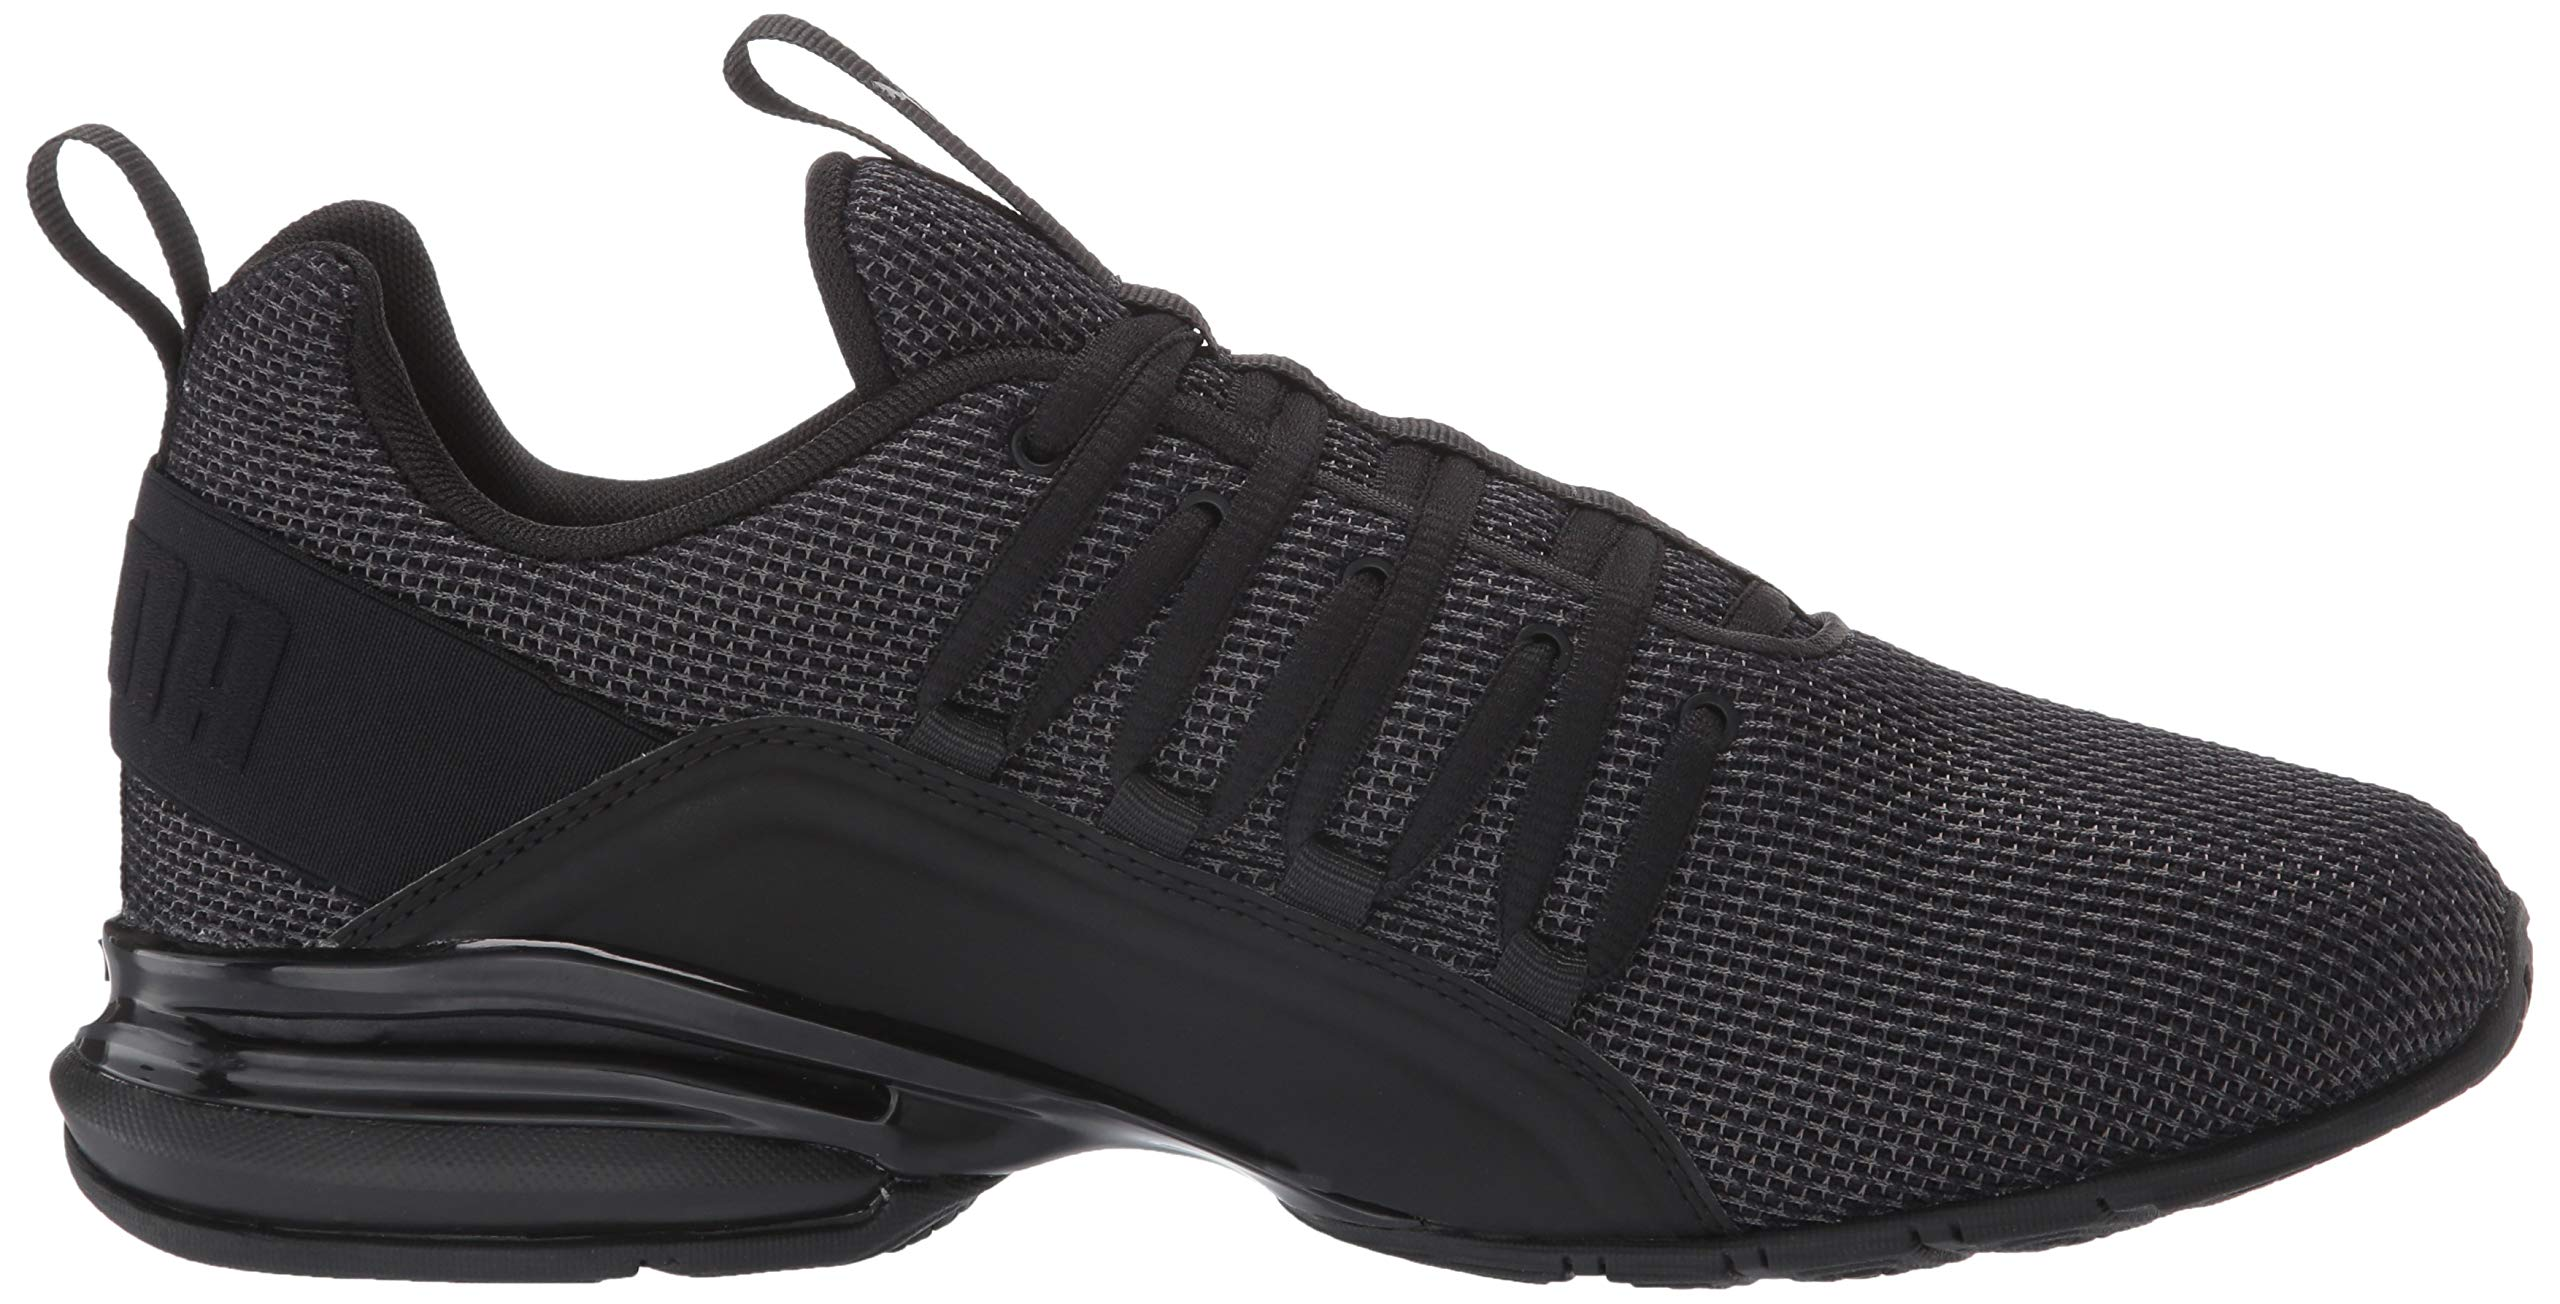 3757be6d97f48 Details about PUMA Men's Axelion Sneaker, Asphalt Black, 7.5 M U - Choose  SZ/color